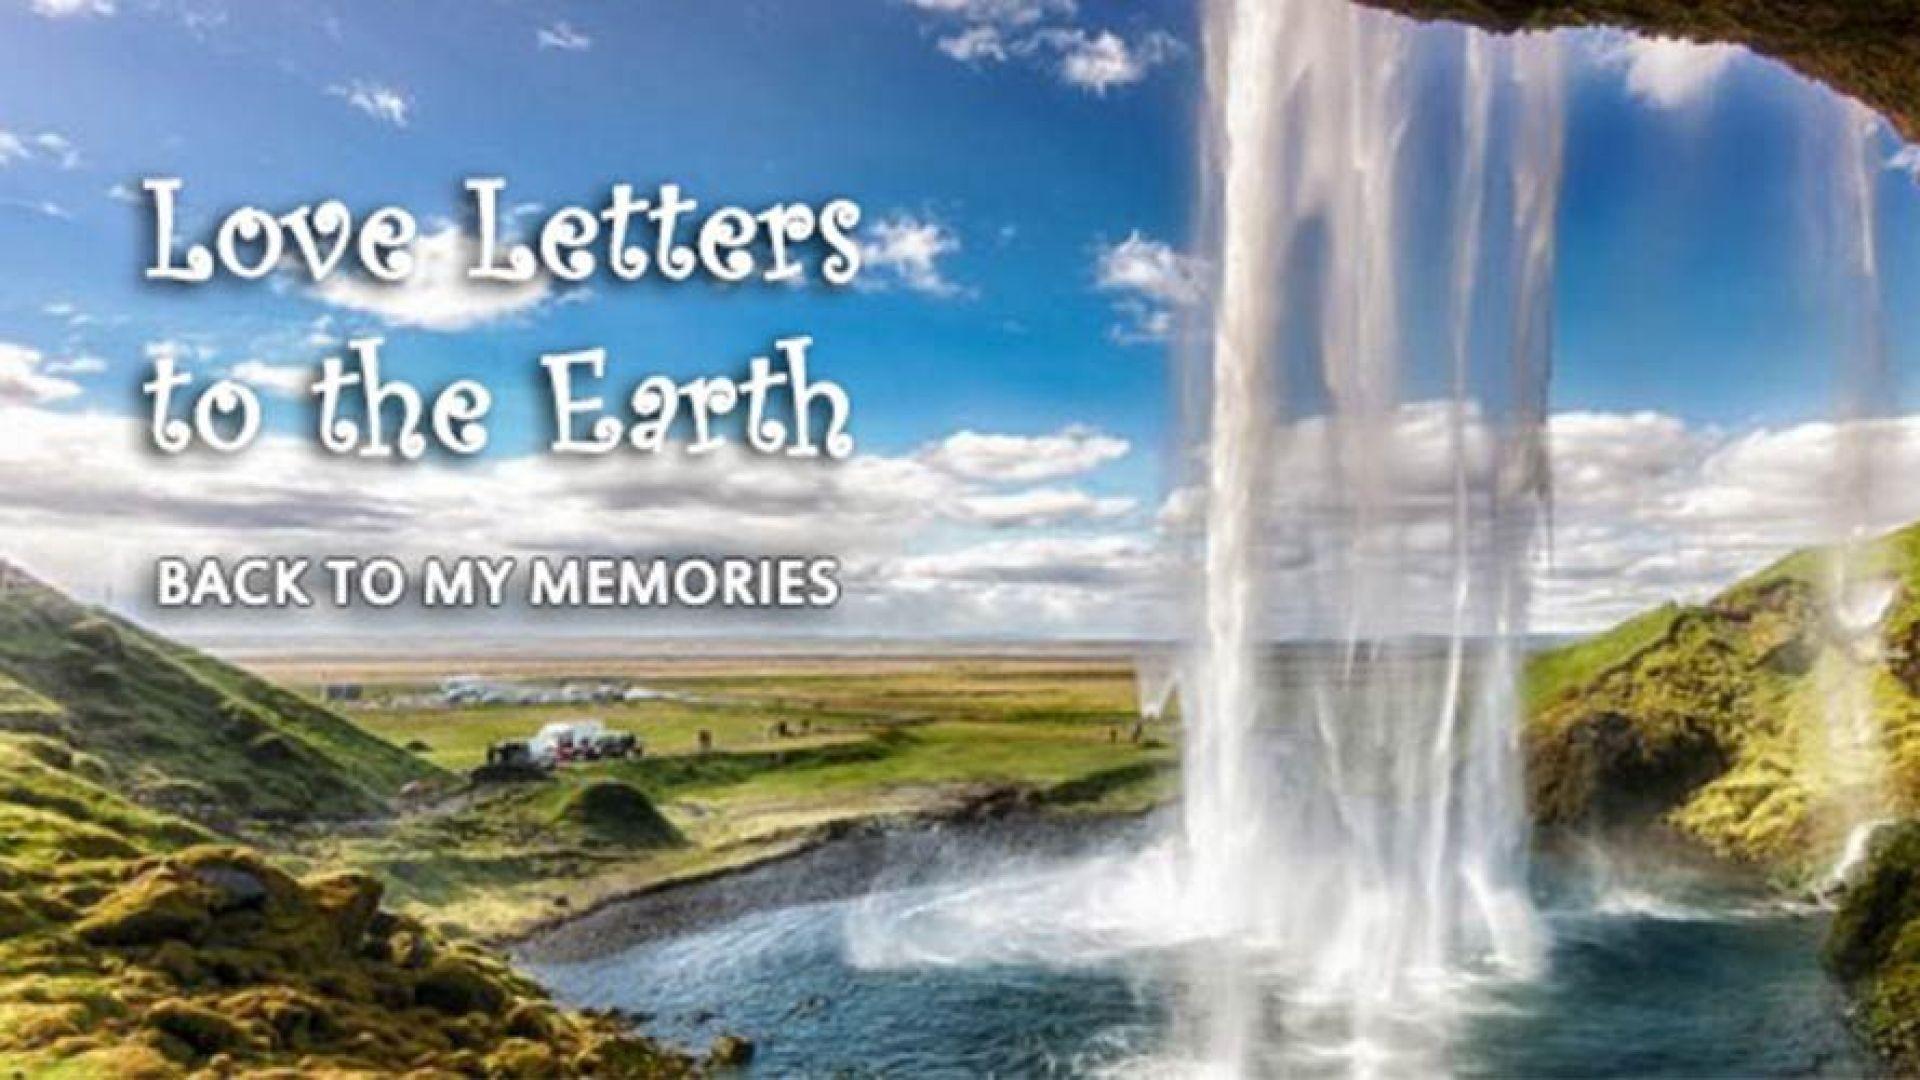 Телевизия ММ отбеляза Деня на Земята с началото на необичайна кампания